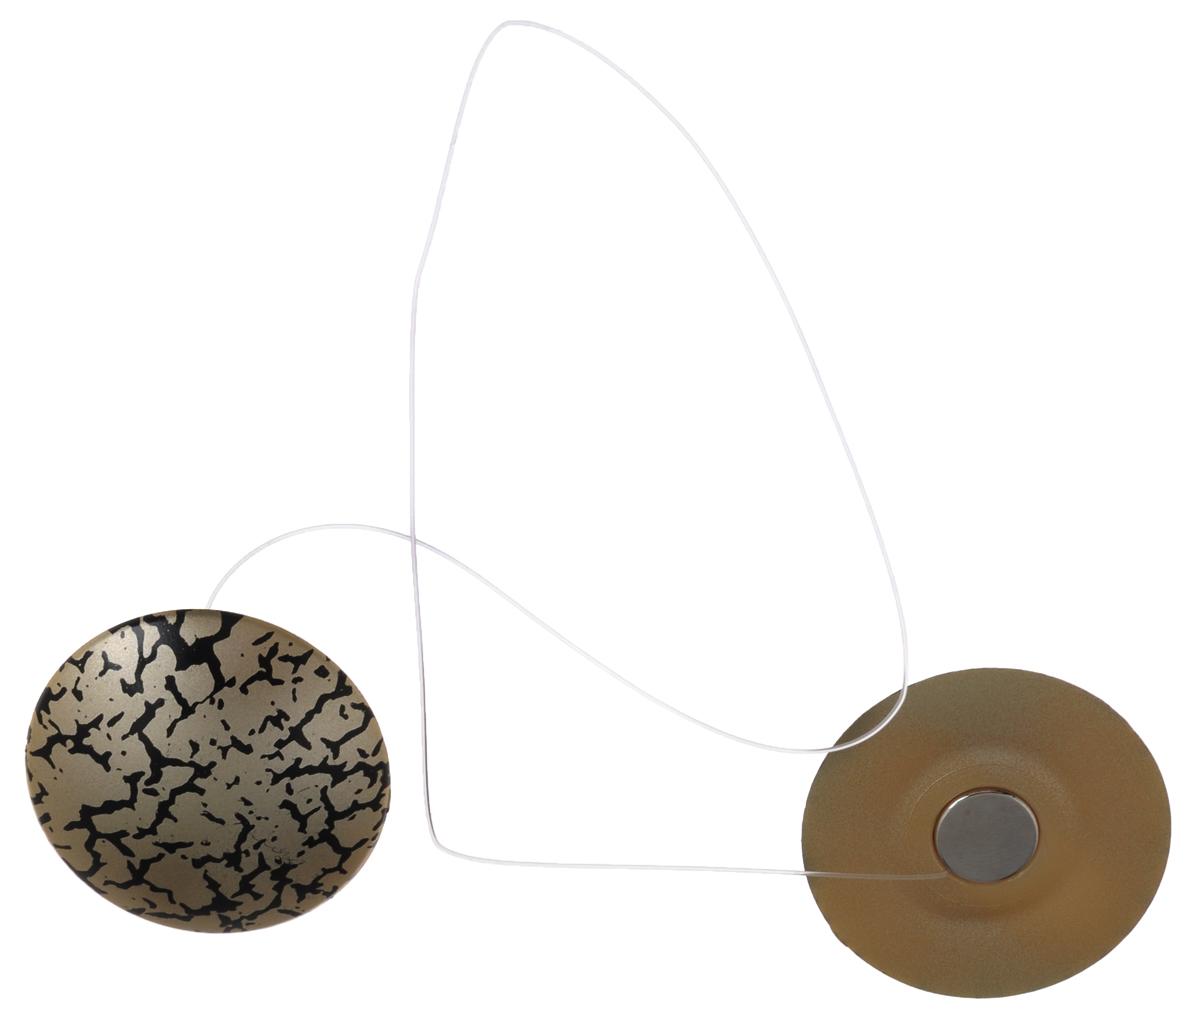 Клипсы магнитные для штор SmolTtx Трещины, с леской, цвет: темно-бежевый, черный, длина 33,5 см, 2 шт544091_19ЕМагнитные клипсы SmolTtx Трещины предназначены для придания формы шторам. Изделие представляет собой соединенные леской два элемента, на внутренней поверхности которых расположены магниты. С помощью такой клипсы можно зафиксировать портьеры, придать им требуемое положение, сделать складки симметричными или приблизить портьеры, скрепить их. Следует отметить, что такие аксессуары для штор выполняют не только практическую функцию, но также являются одной из основных деталей декора, которая придает шторам восхитительный, стильный внешний вид. Длина клипсы (с учетом лески): 33,5 см. Диаметр клипсы: 3,5 см.